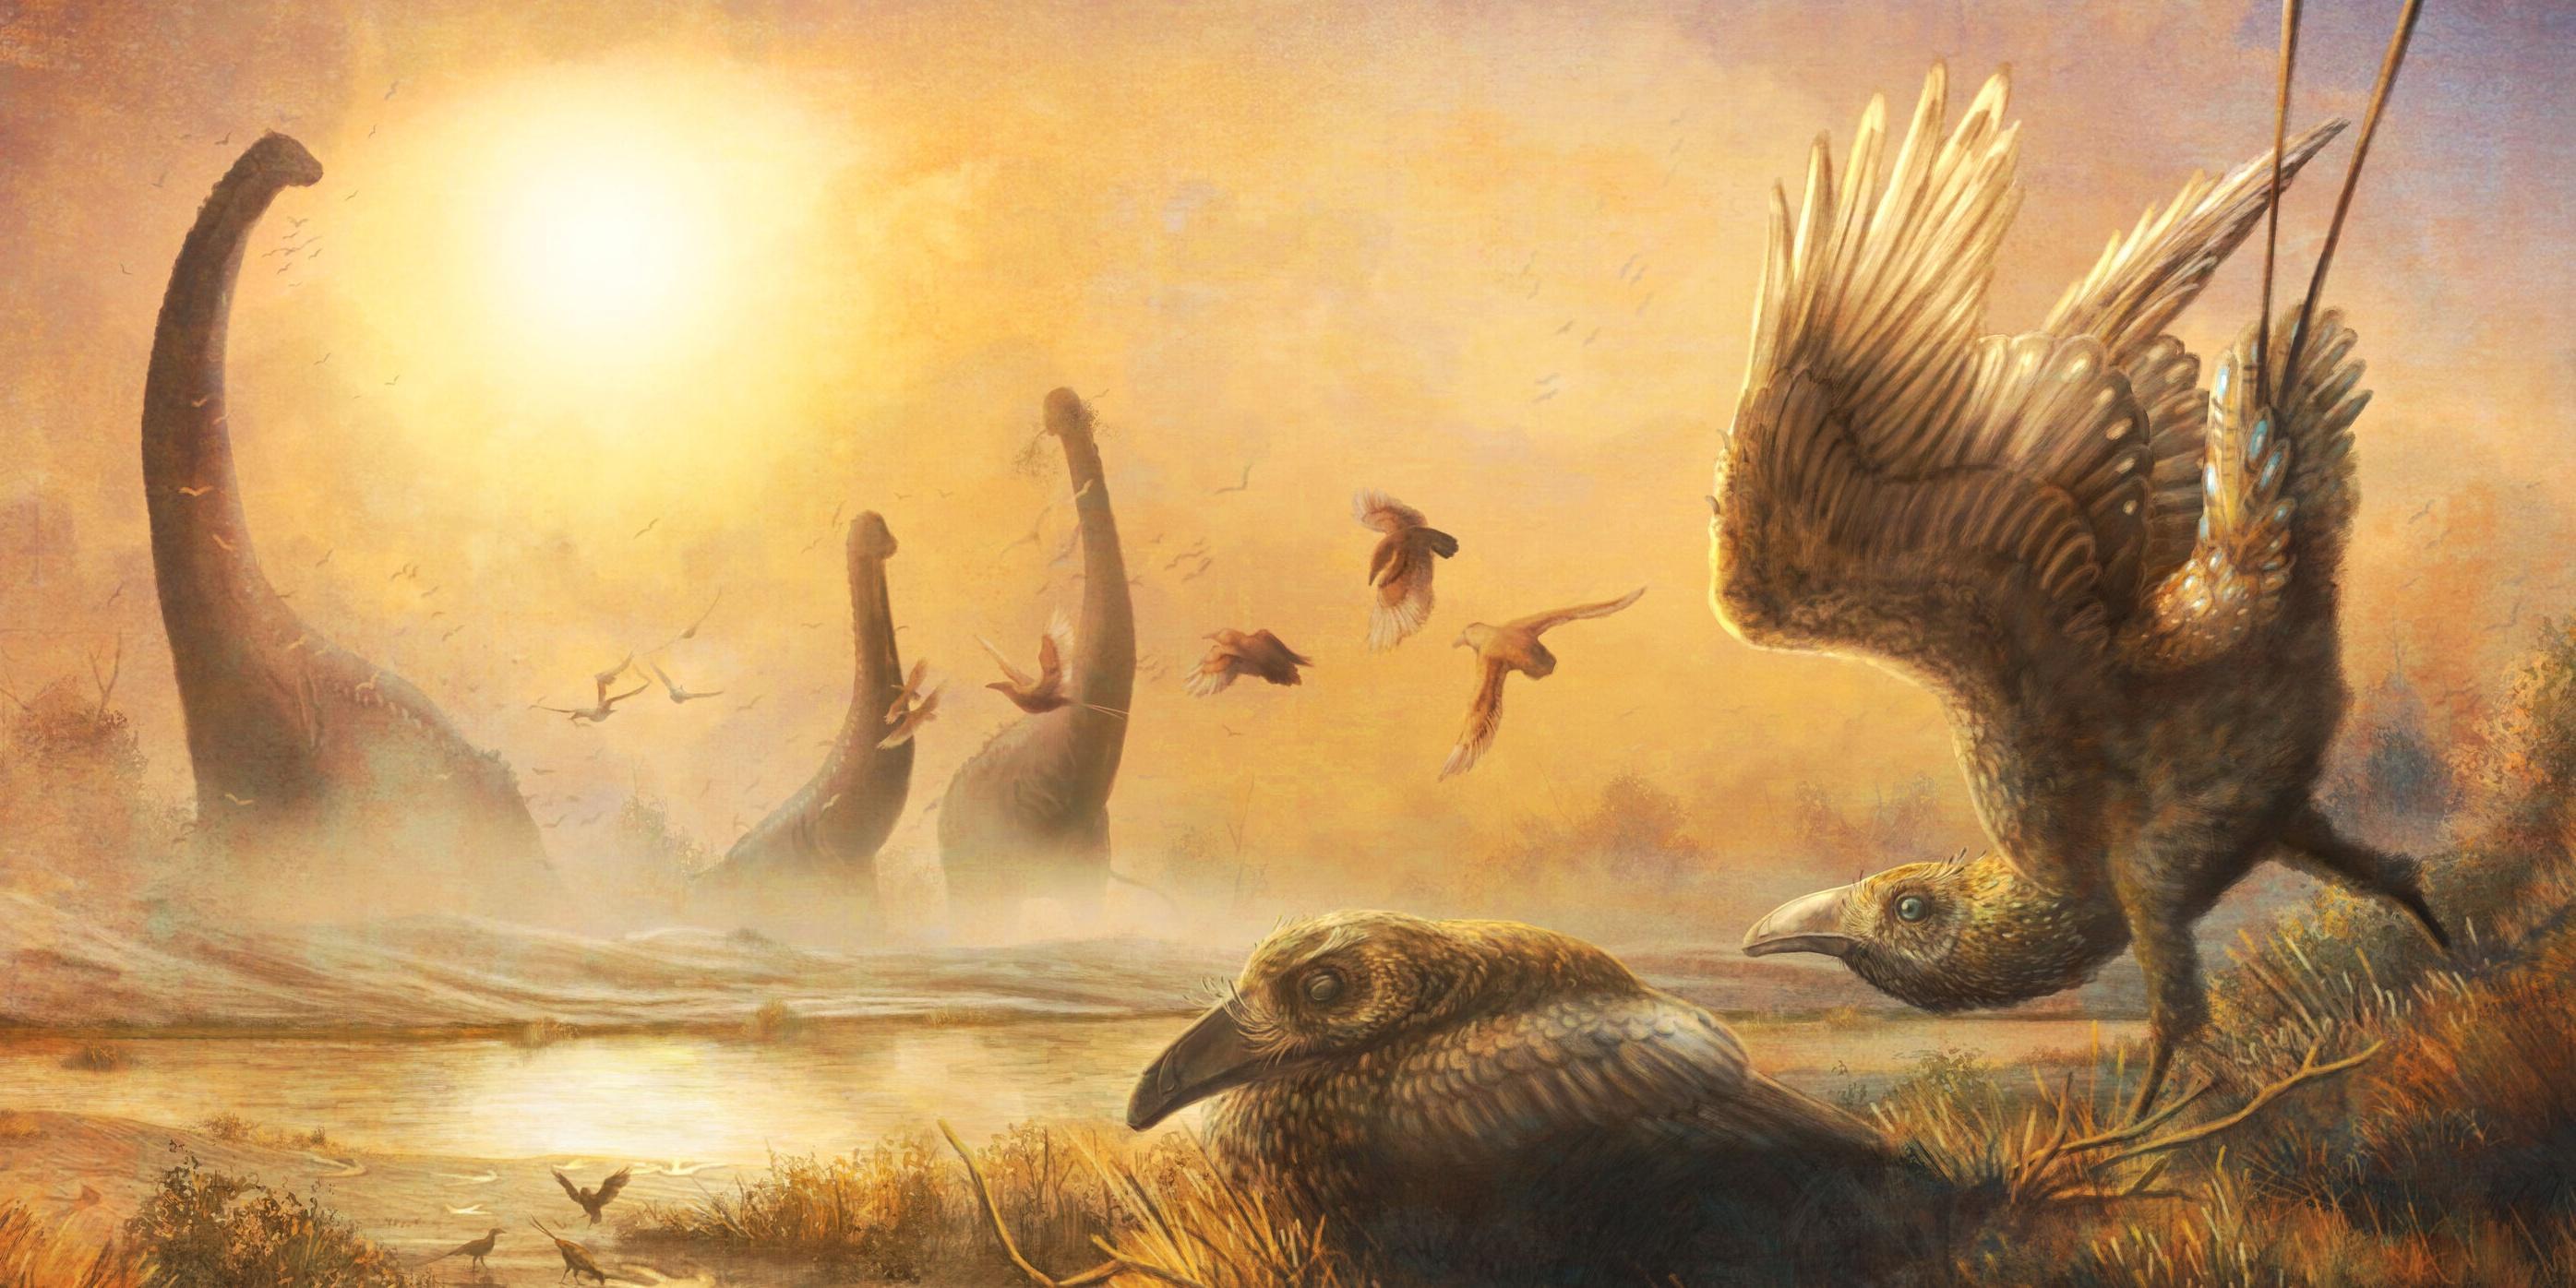 Доисторические птицы имели сенсорные органы в клюве для поиска пищи